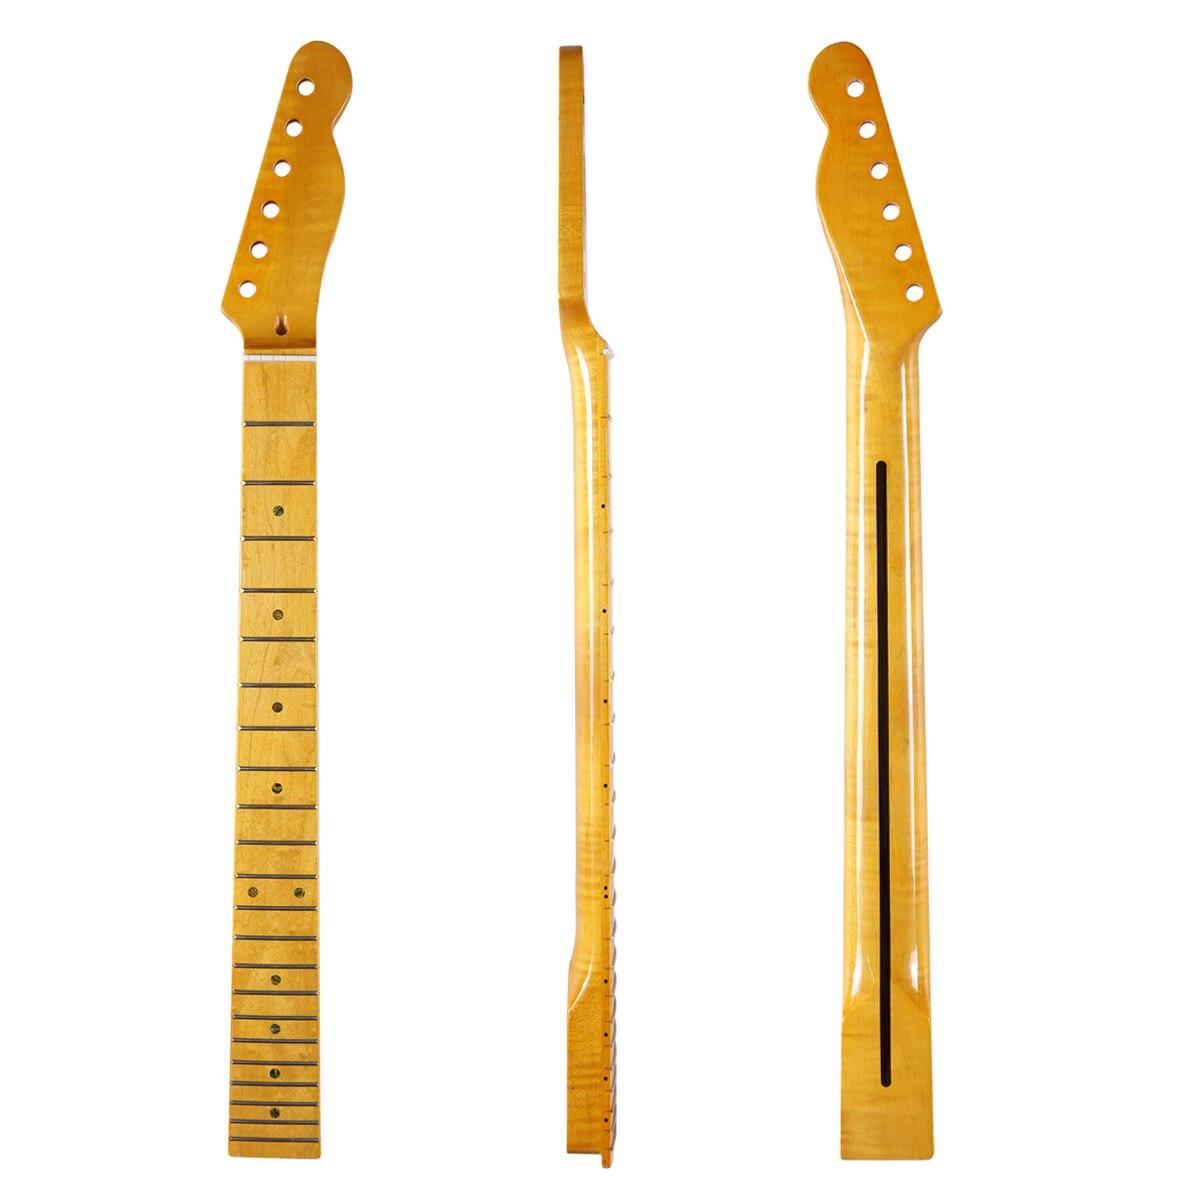 KAISH 22 Fret Brilhante Canadense Tiger Flame bege Guitarra Tele Pescoço com Abalone Shell Inlay e Porca de Osso para Telecaster